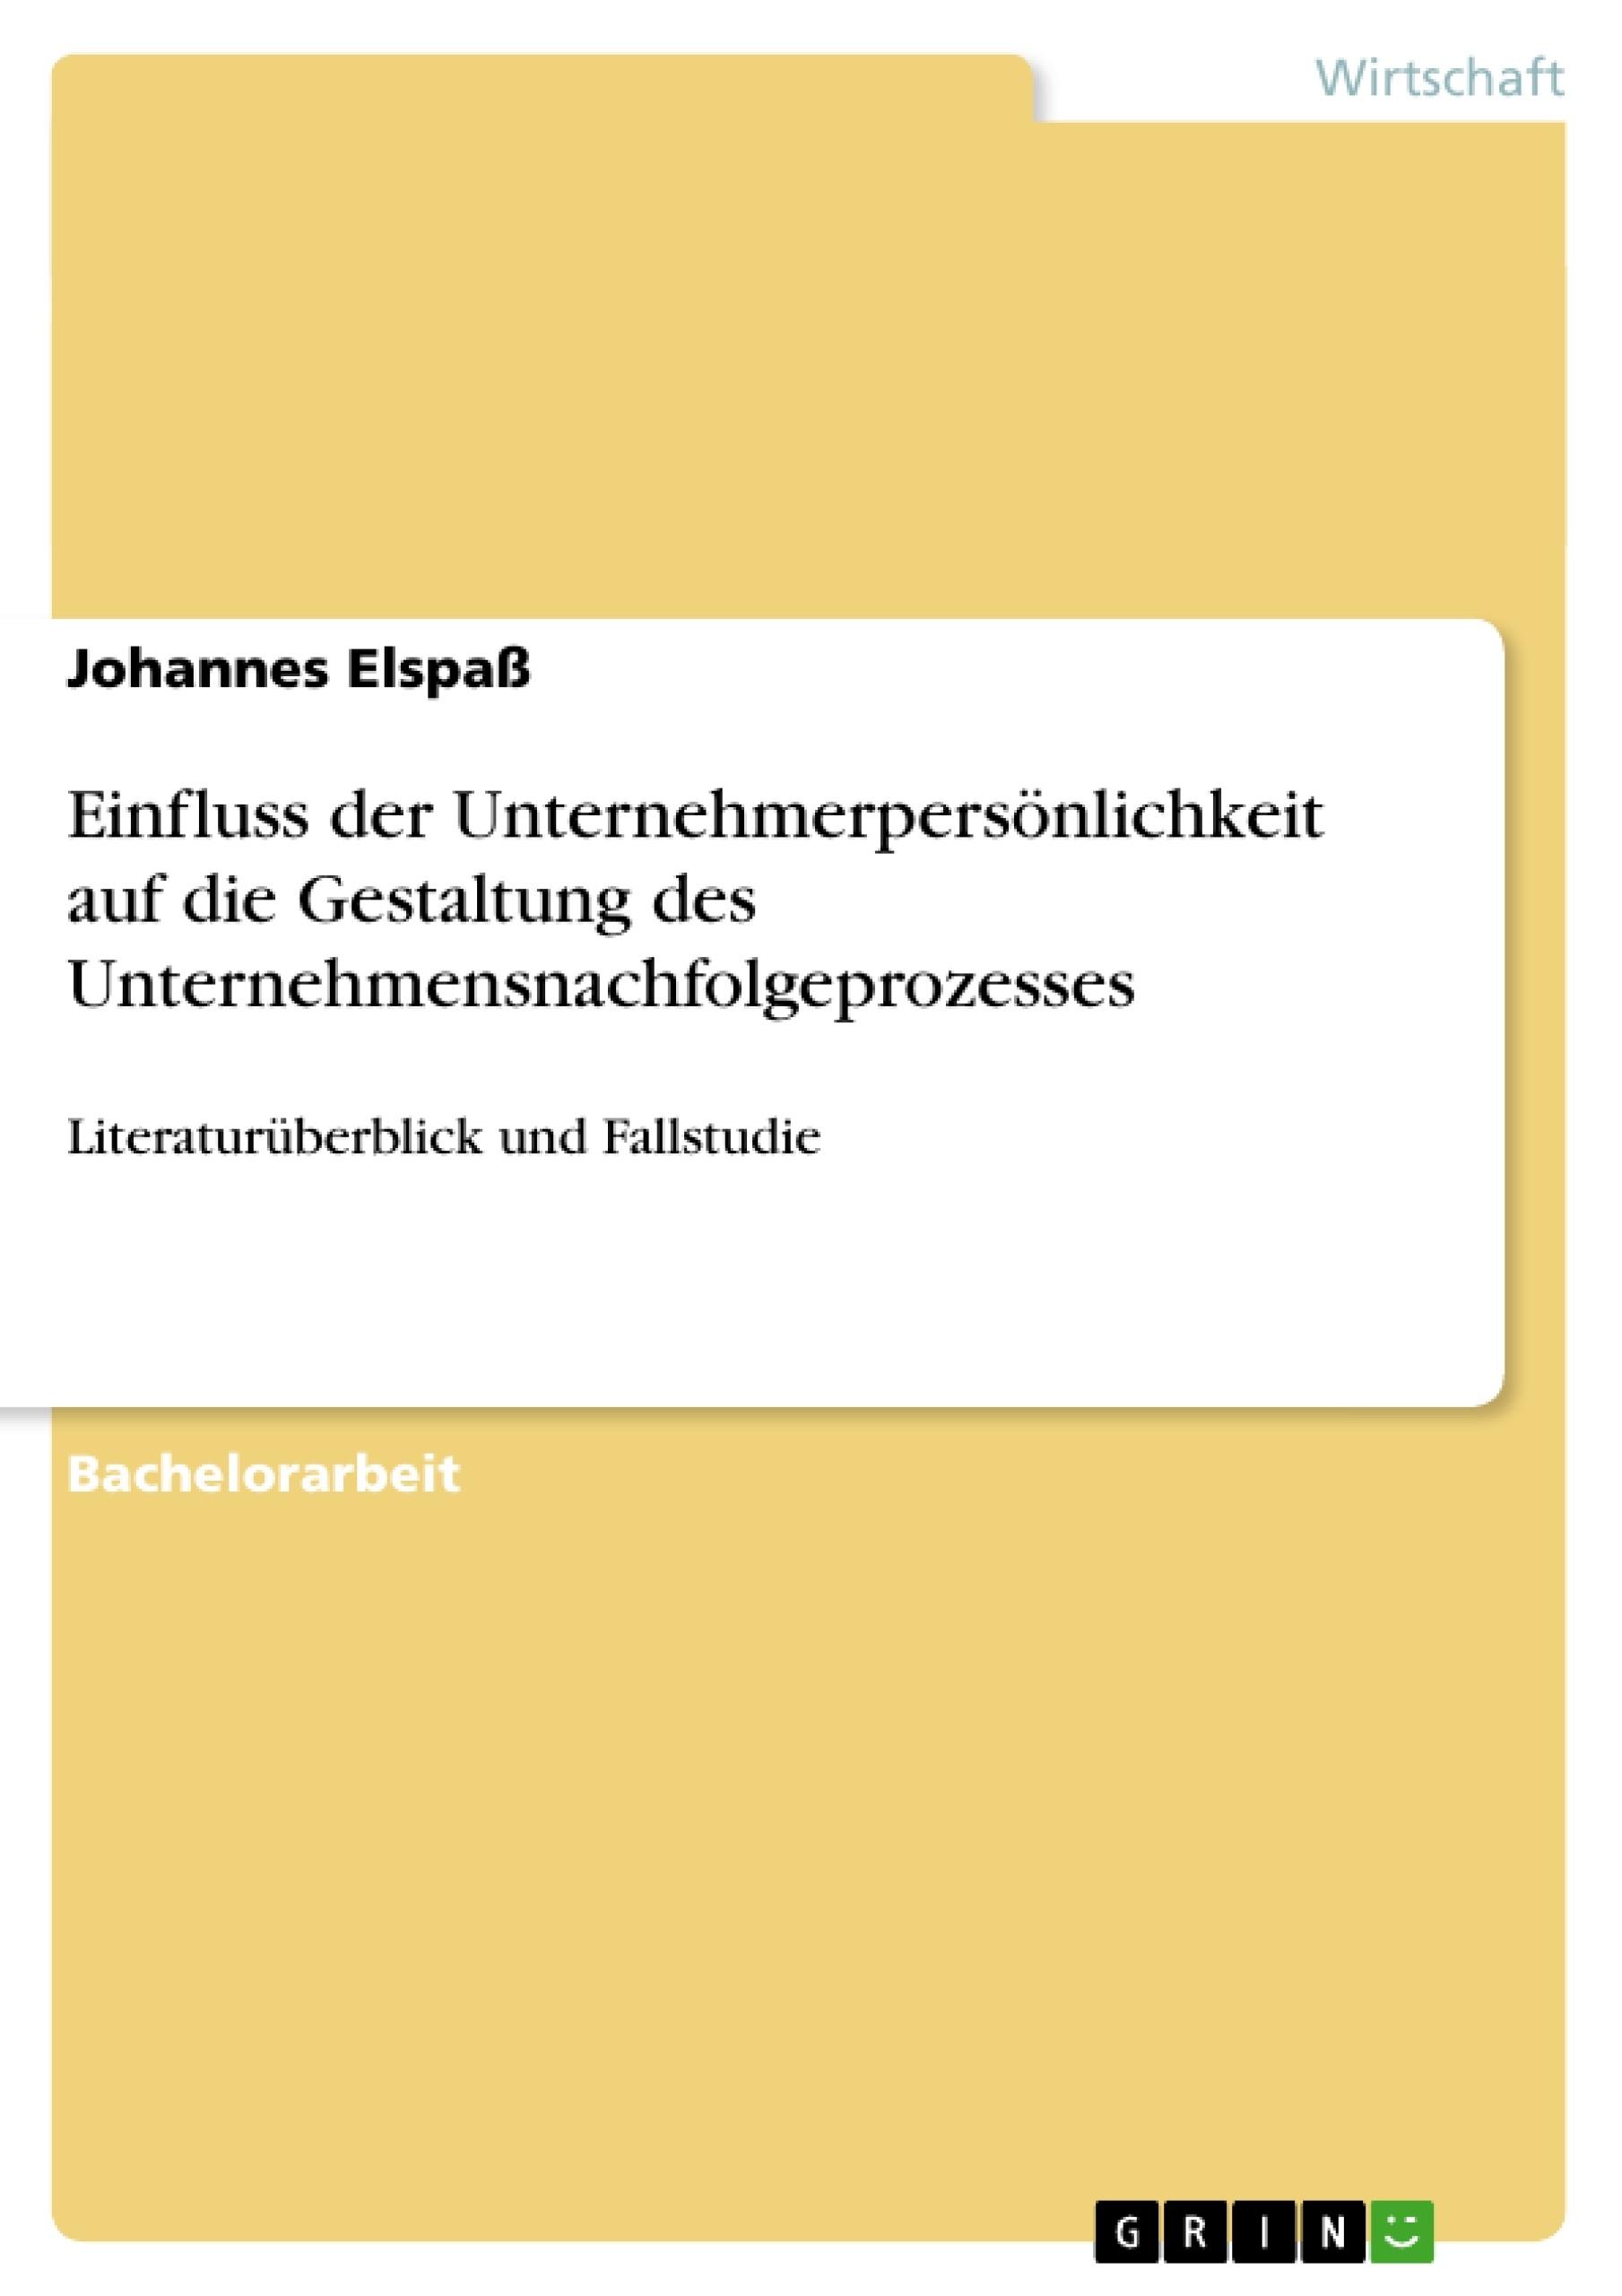 Titel: Einfluss der Unternehmerpersönlichkeit auf die Gestaltung des Unternehmensnachfolgeprozesses